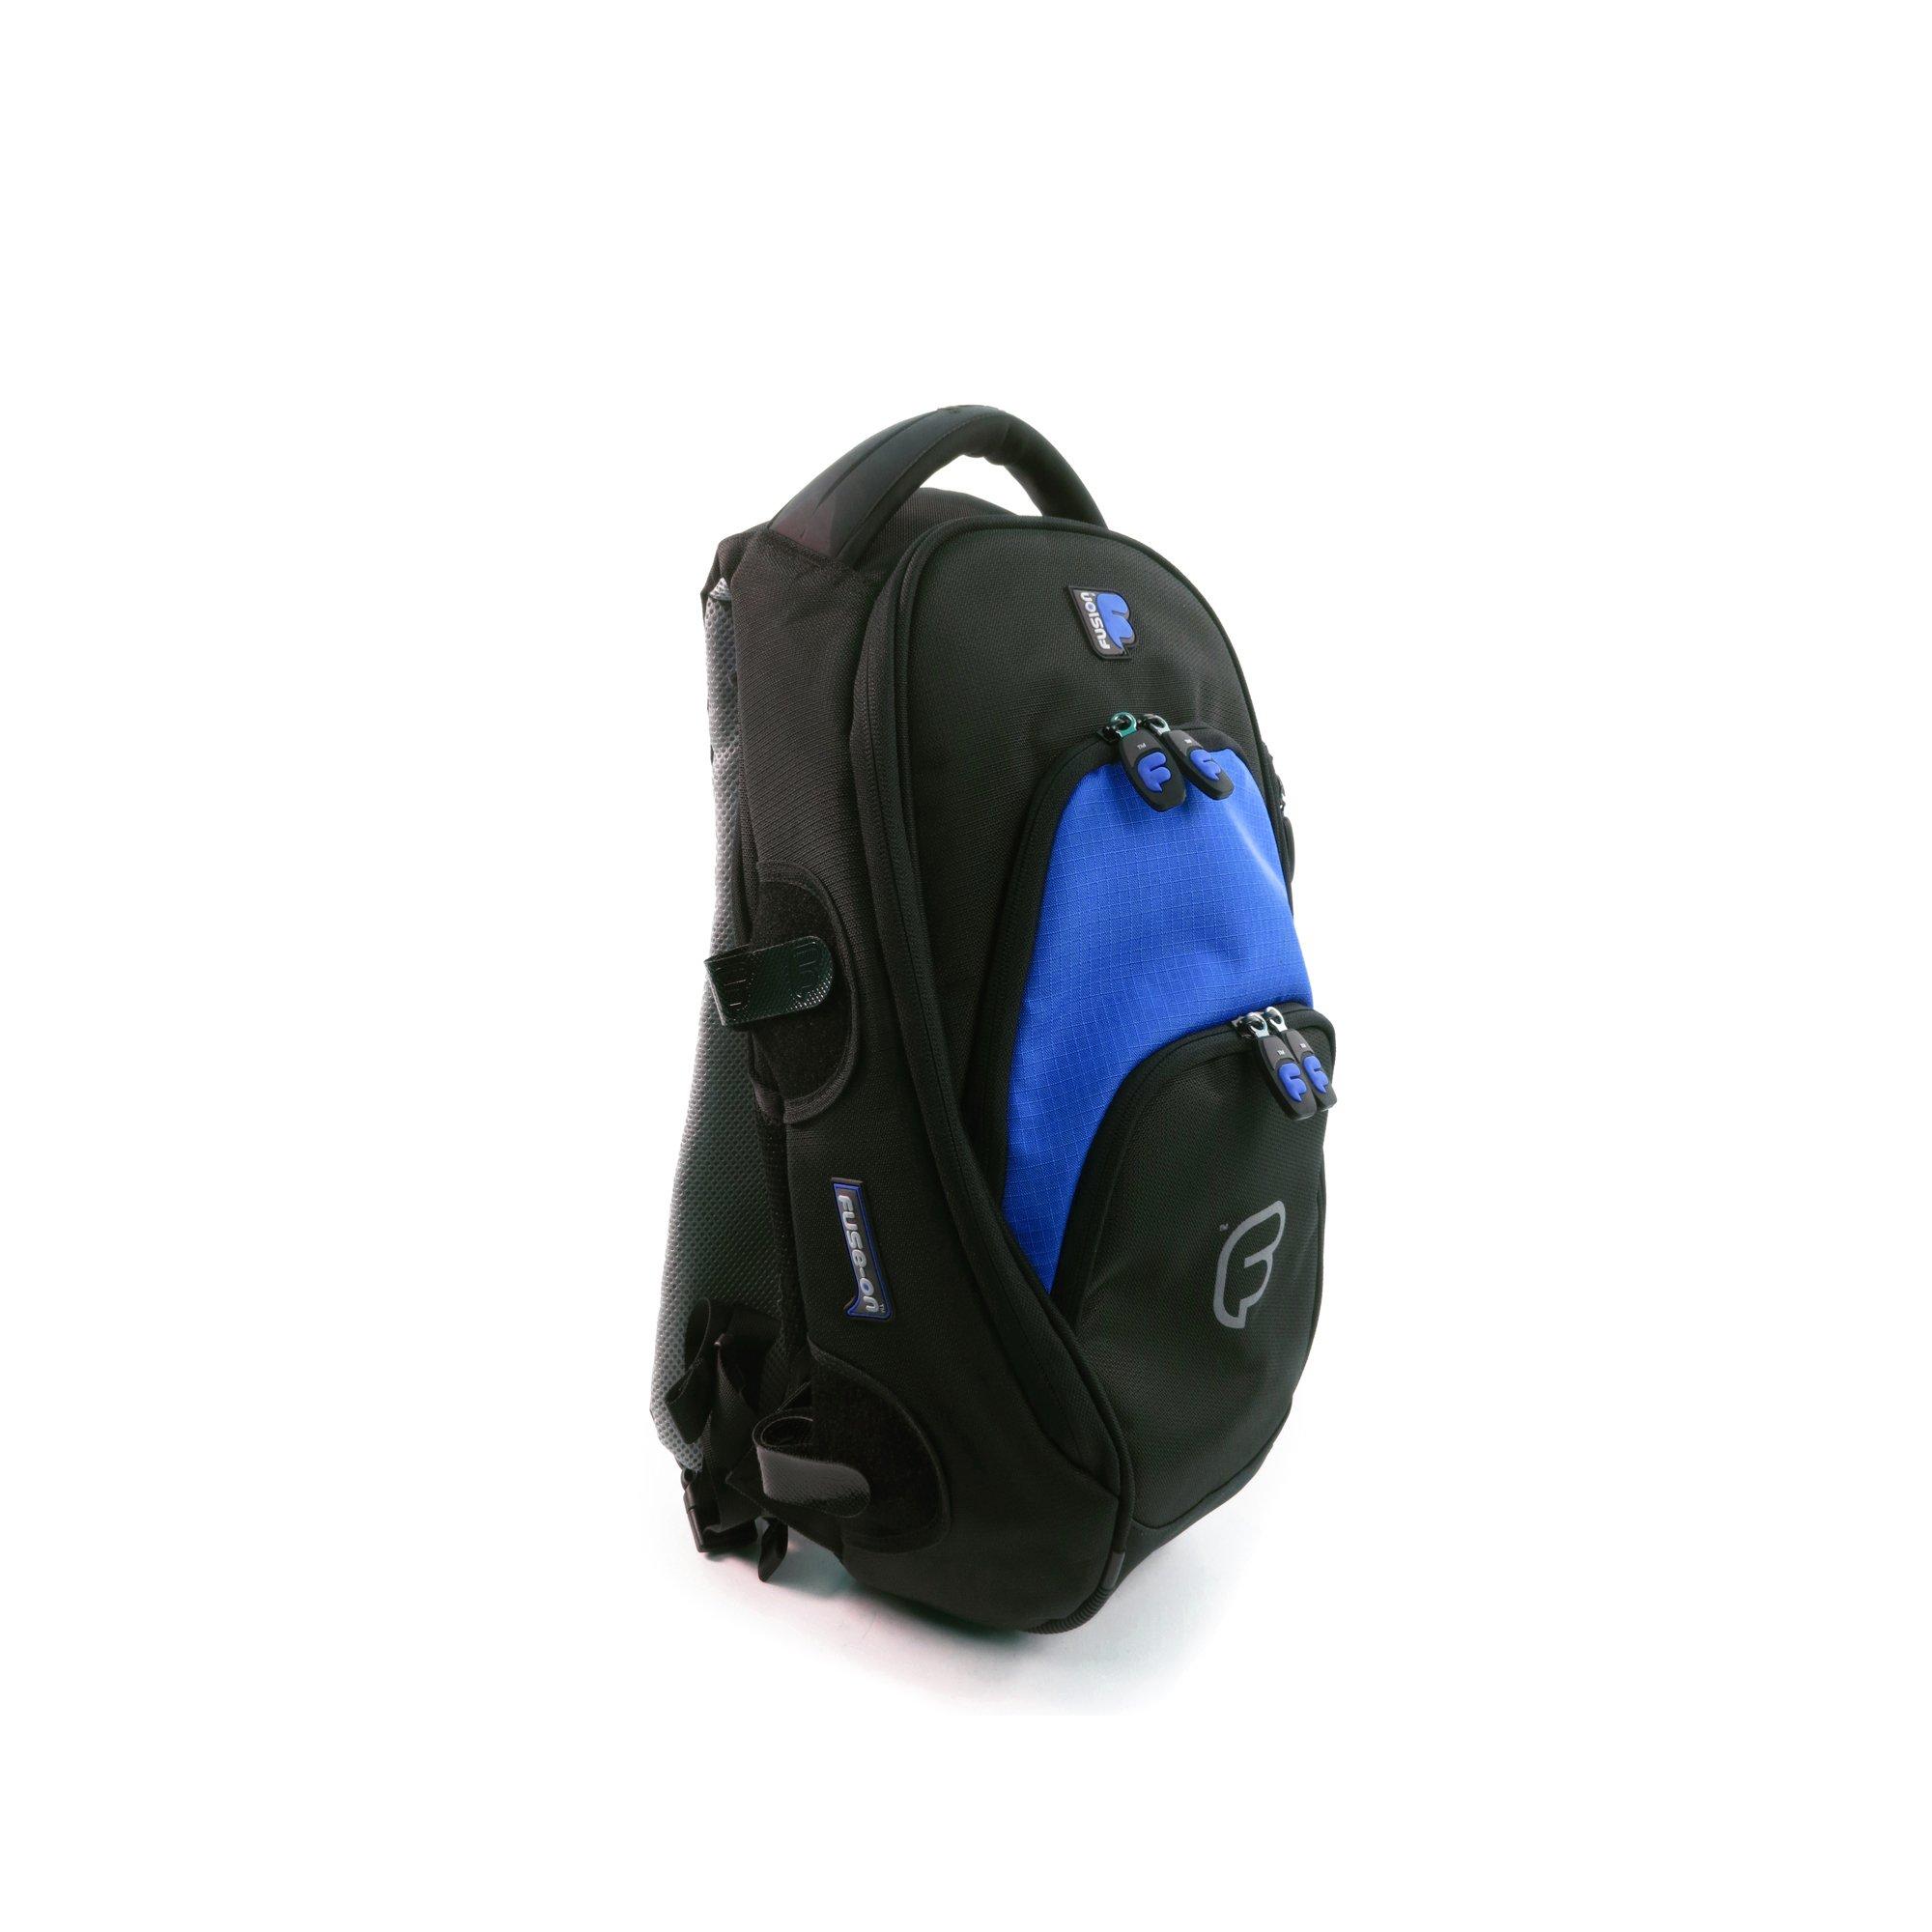 Fusion Premium Series - Medium Backpack, Black/Blue